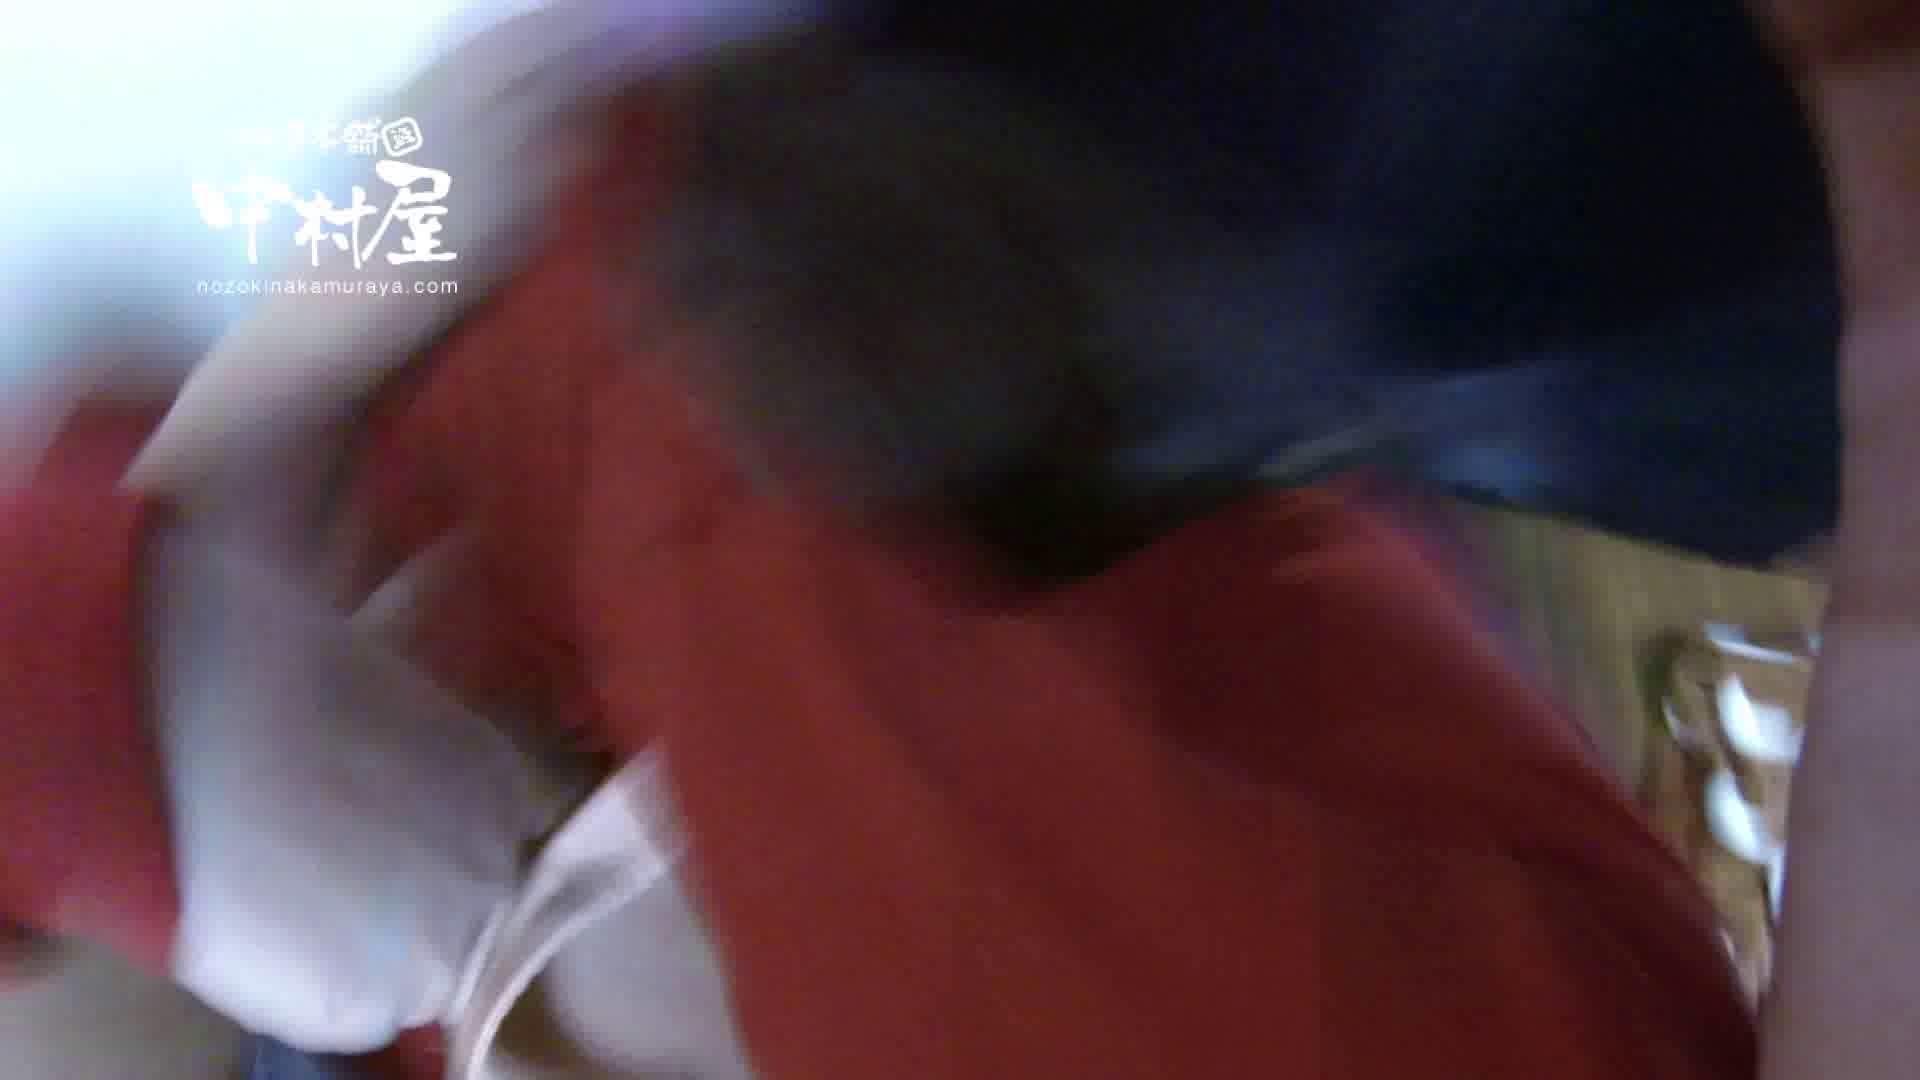 鬼畜 vol.13 もうなすがママ→結果クリームパイ 後編 鬼畜 | OL女体  71連発 5